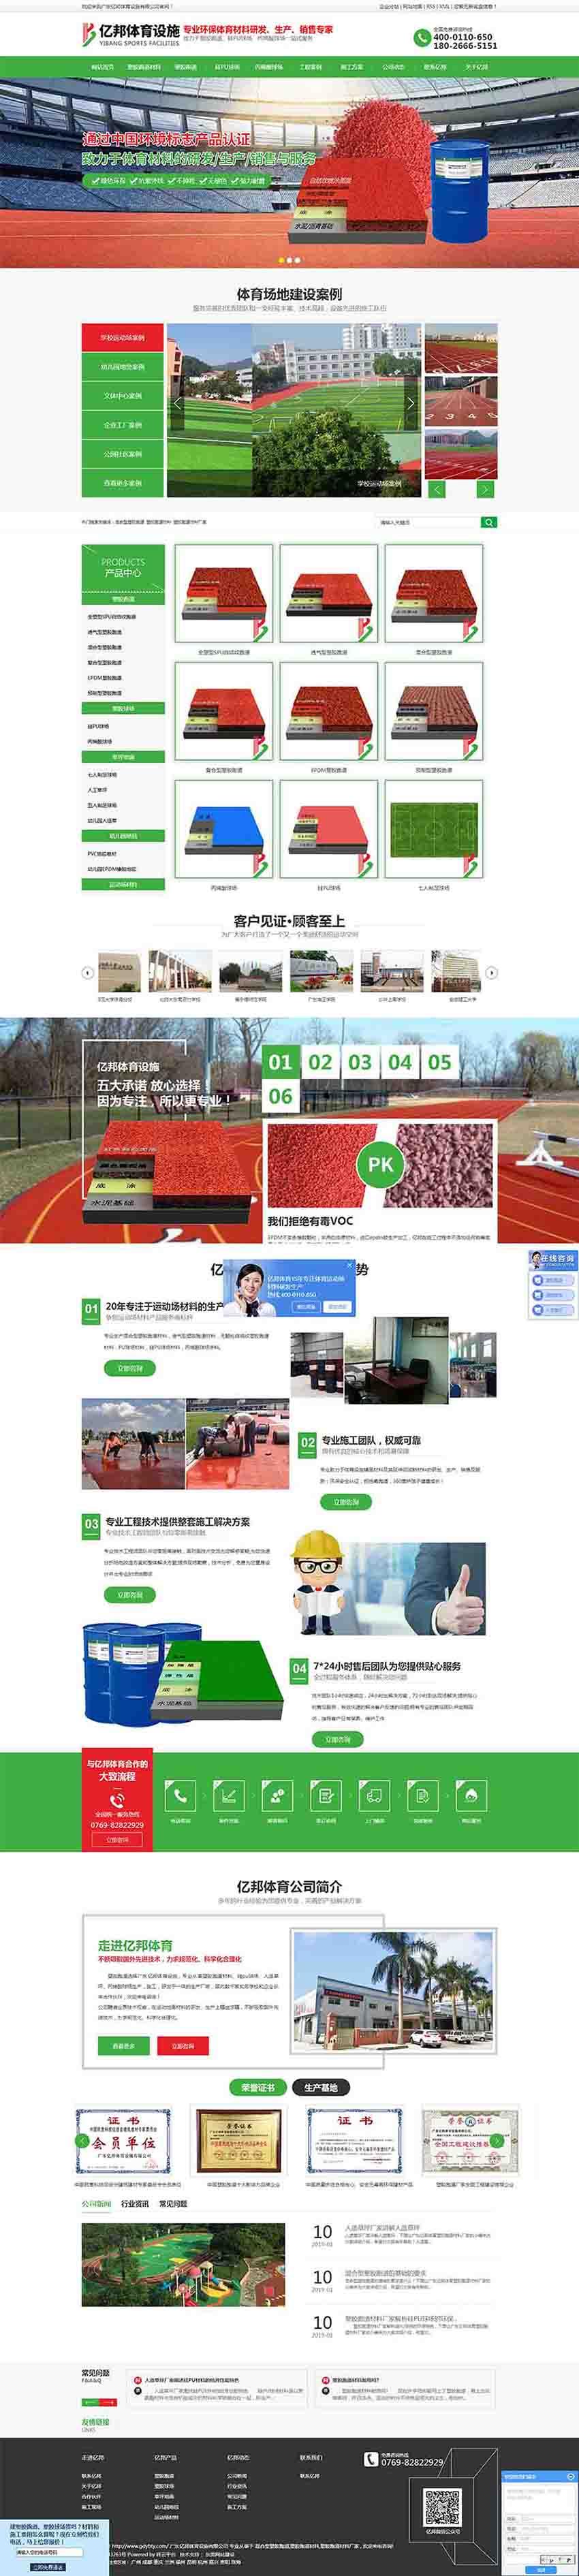 广东亿邦体育设施有限公司